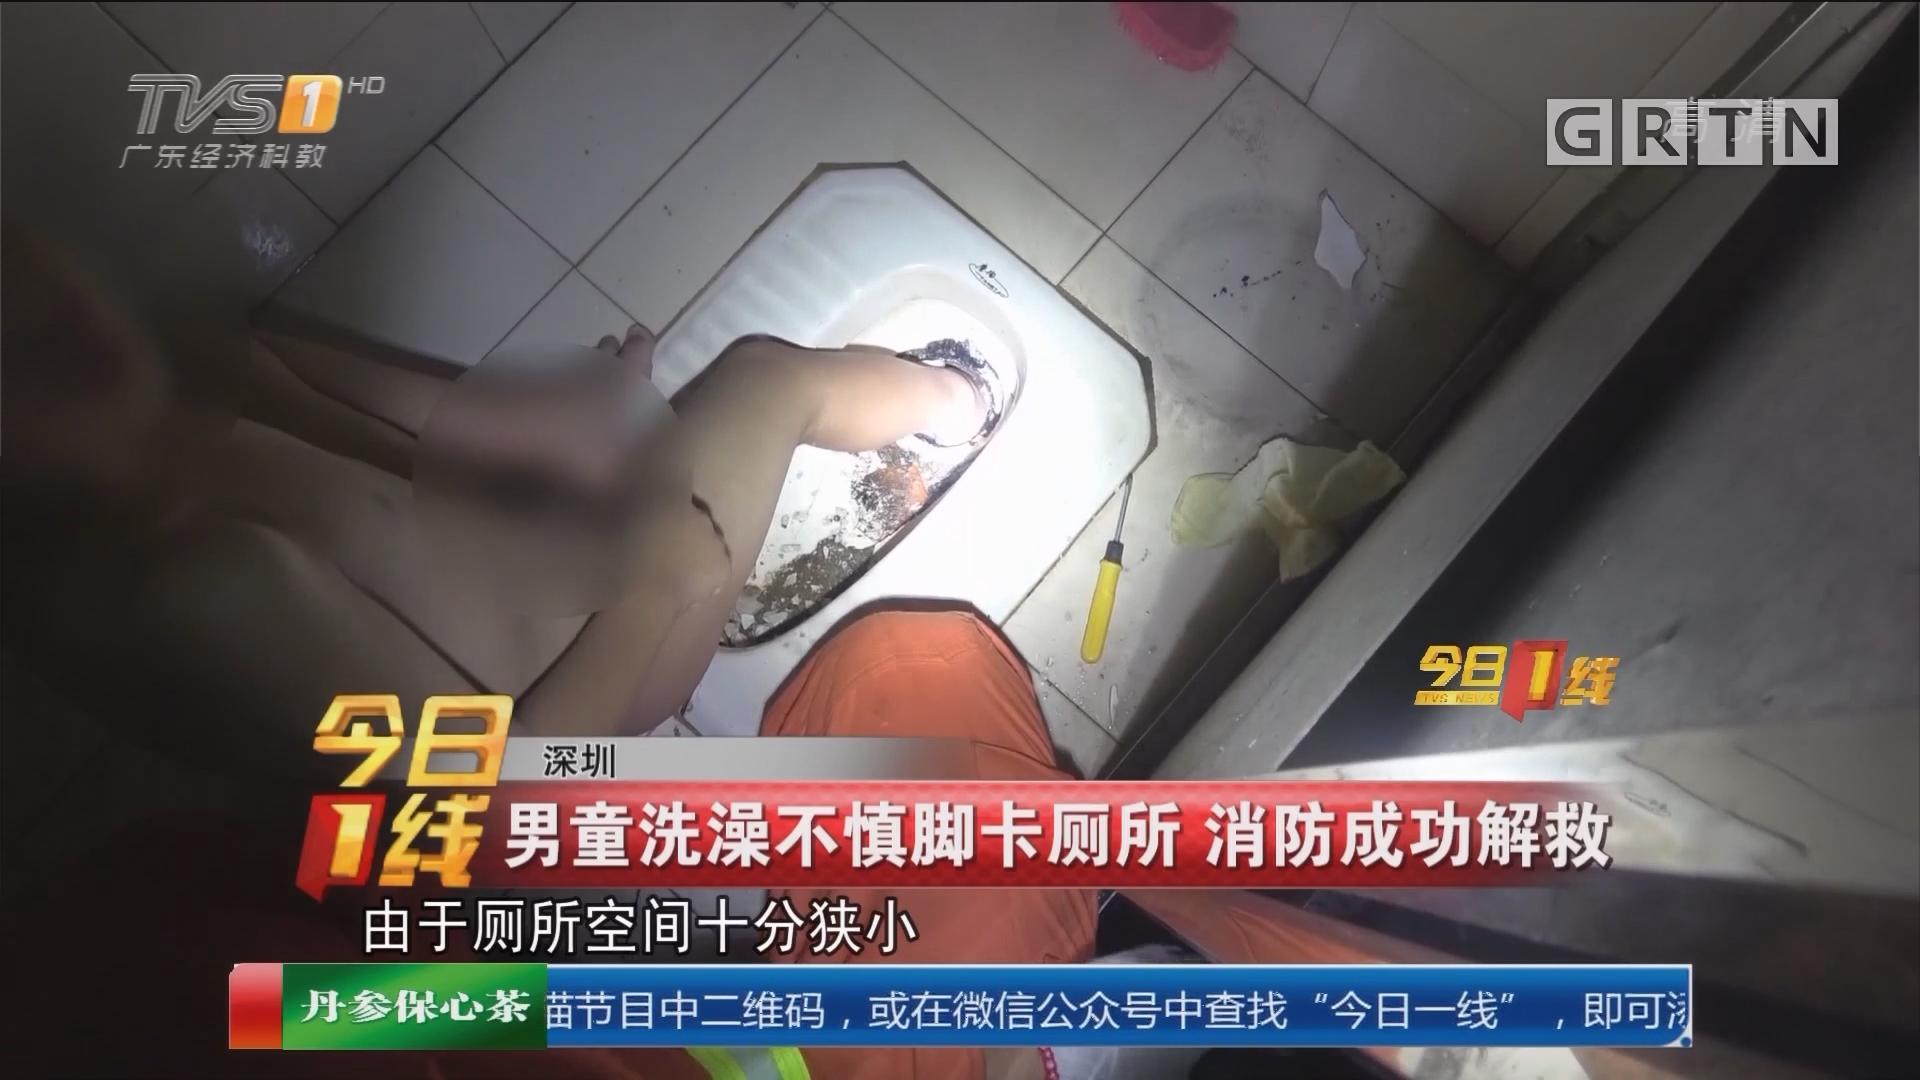 深圳:男童洗澡不慎脚卡厕所 消防成功解救